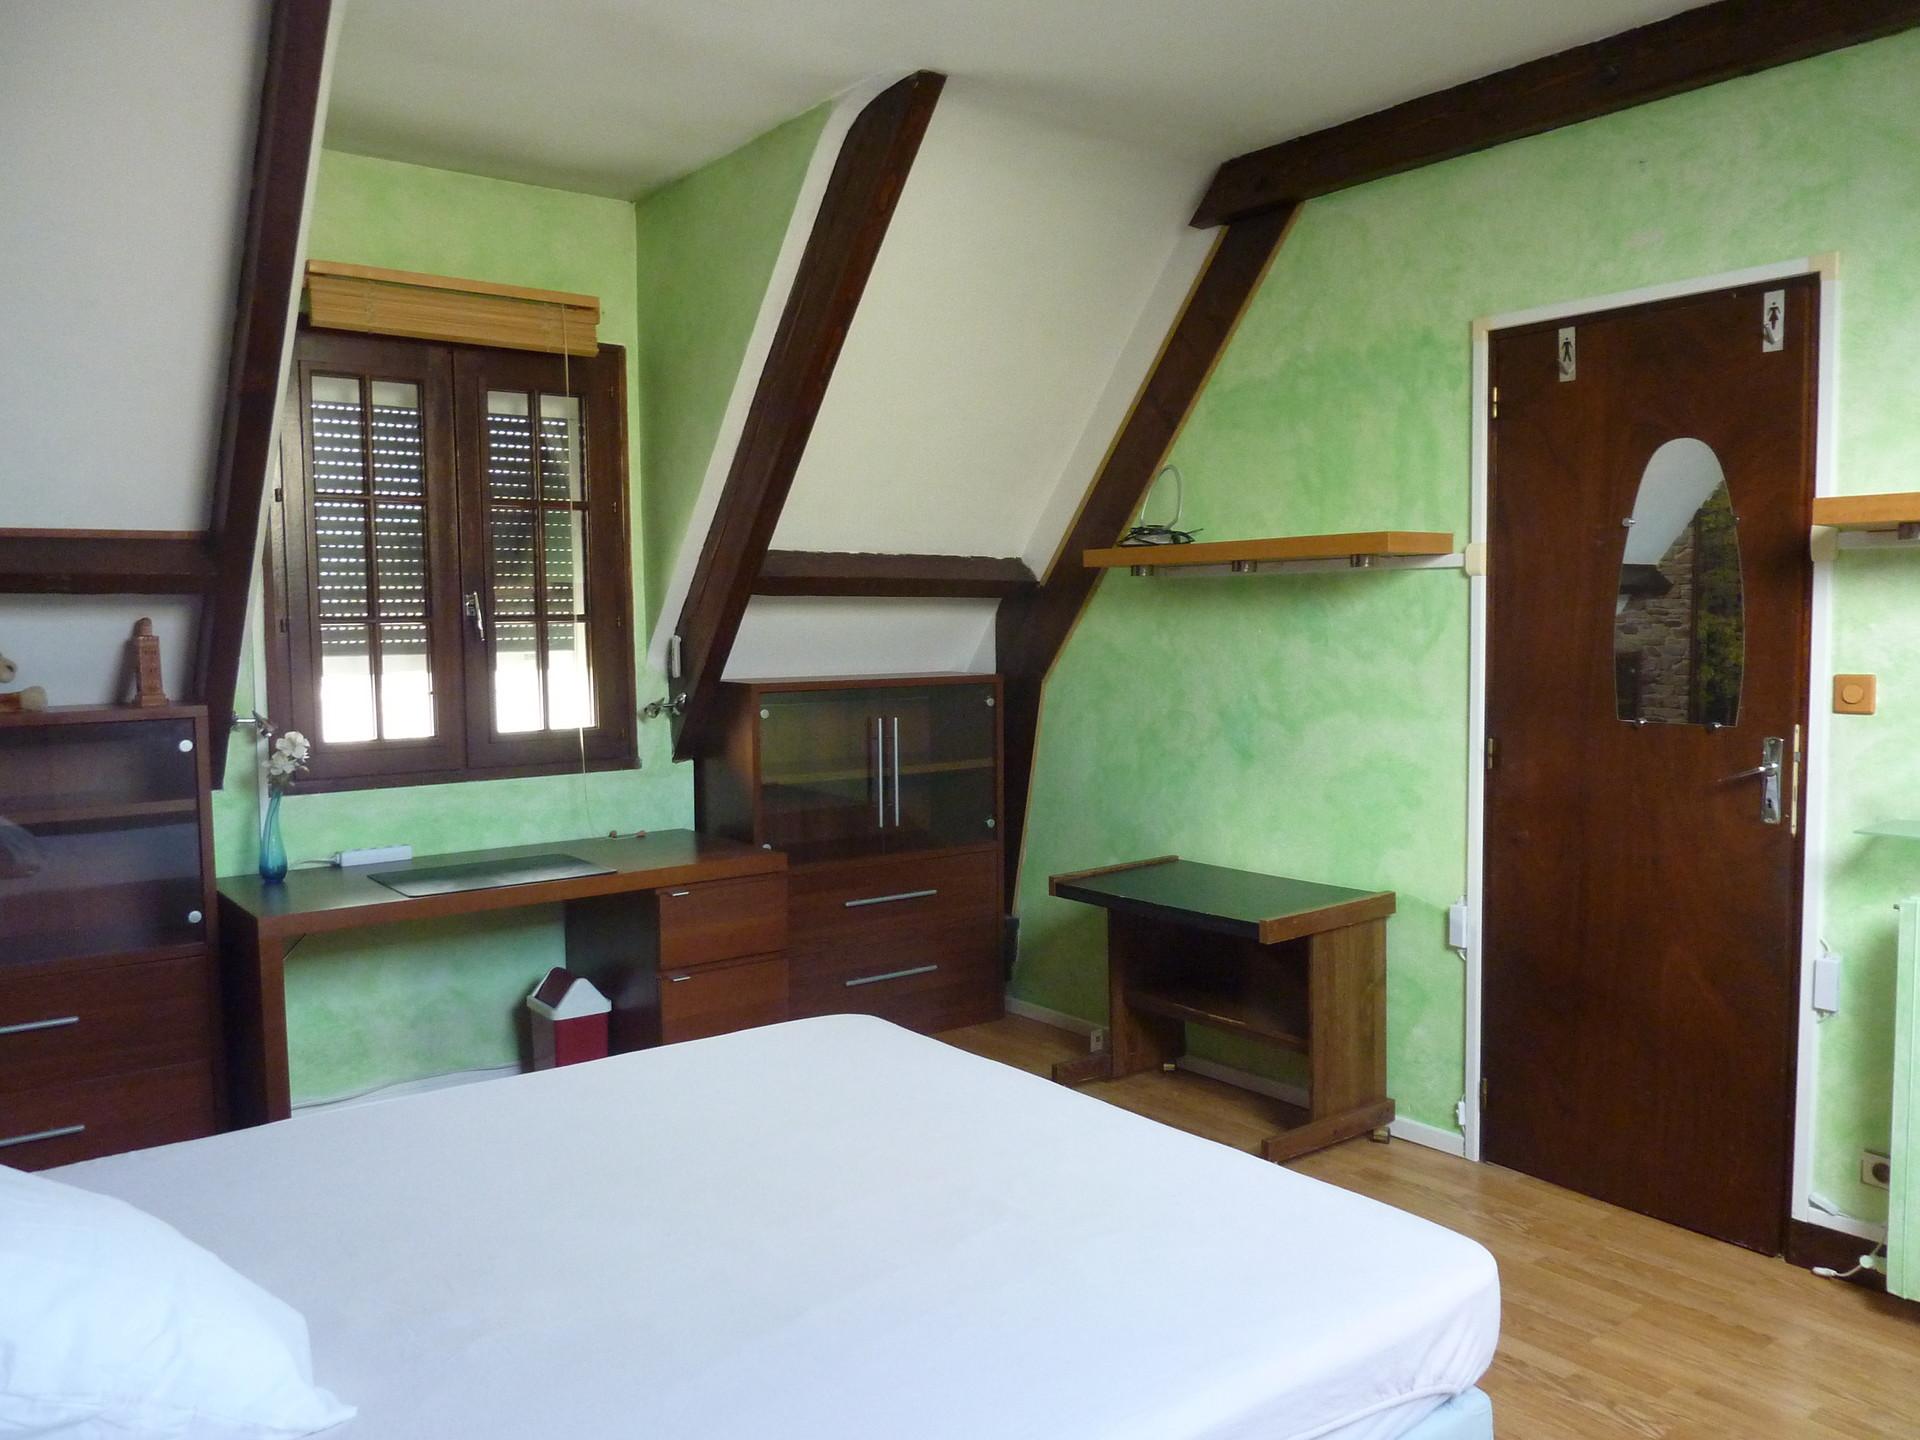 Chambre meubl e chez l habitant r sidences - Chambre chez l habitant quimper ...